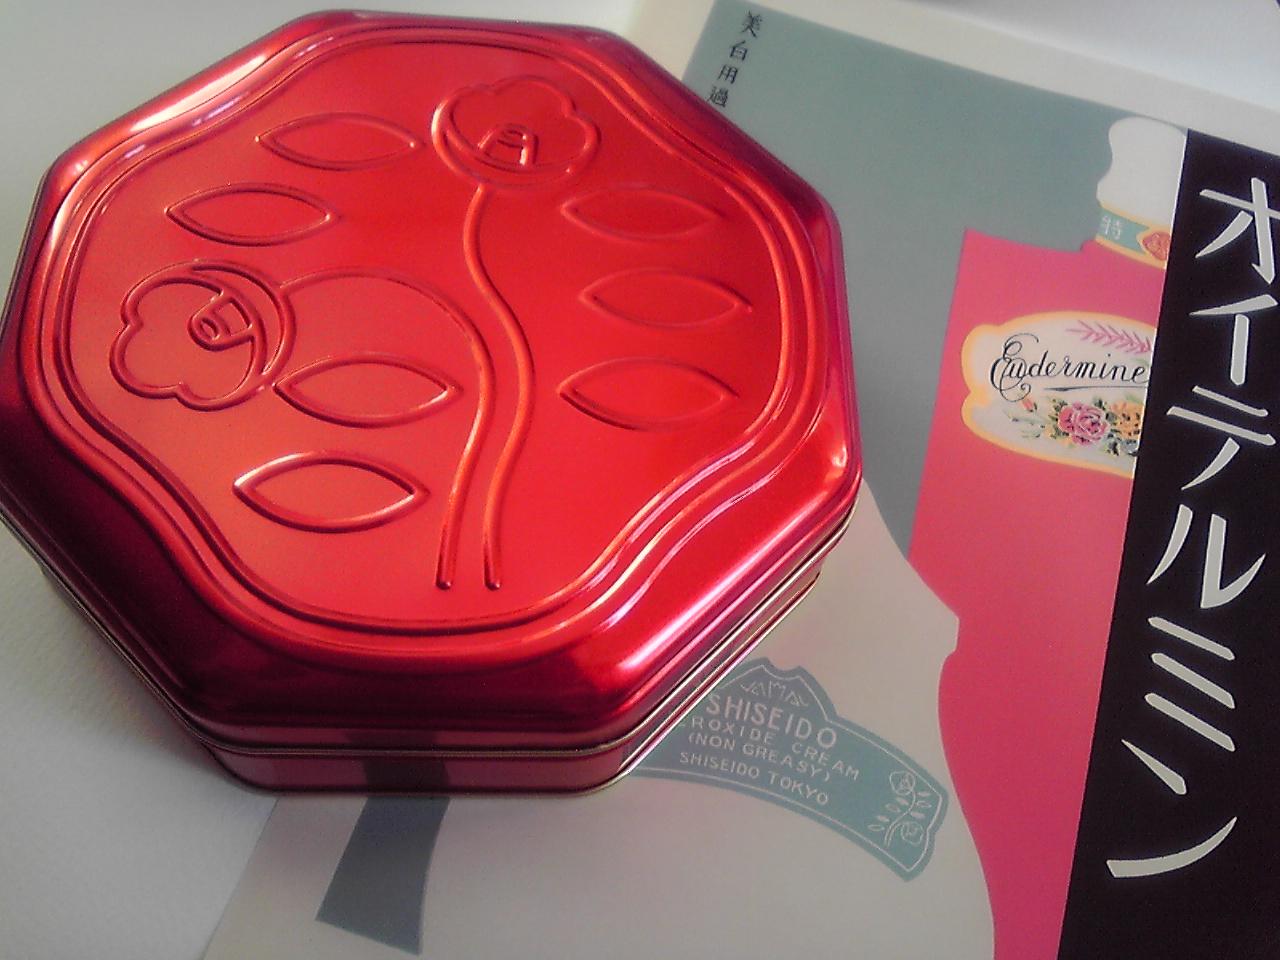 【オススメ】資生堂パーラー、赤の花椿缶